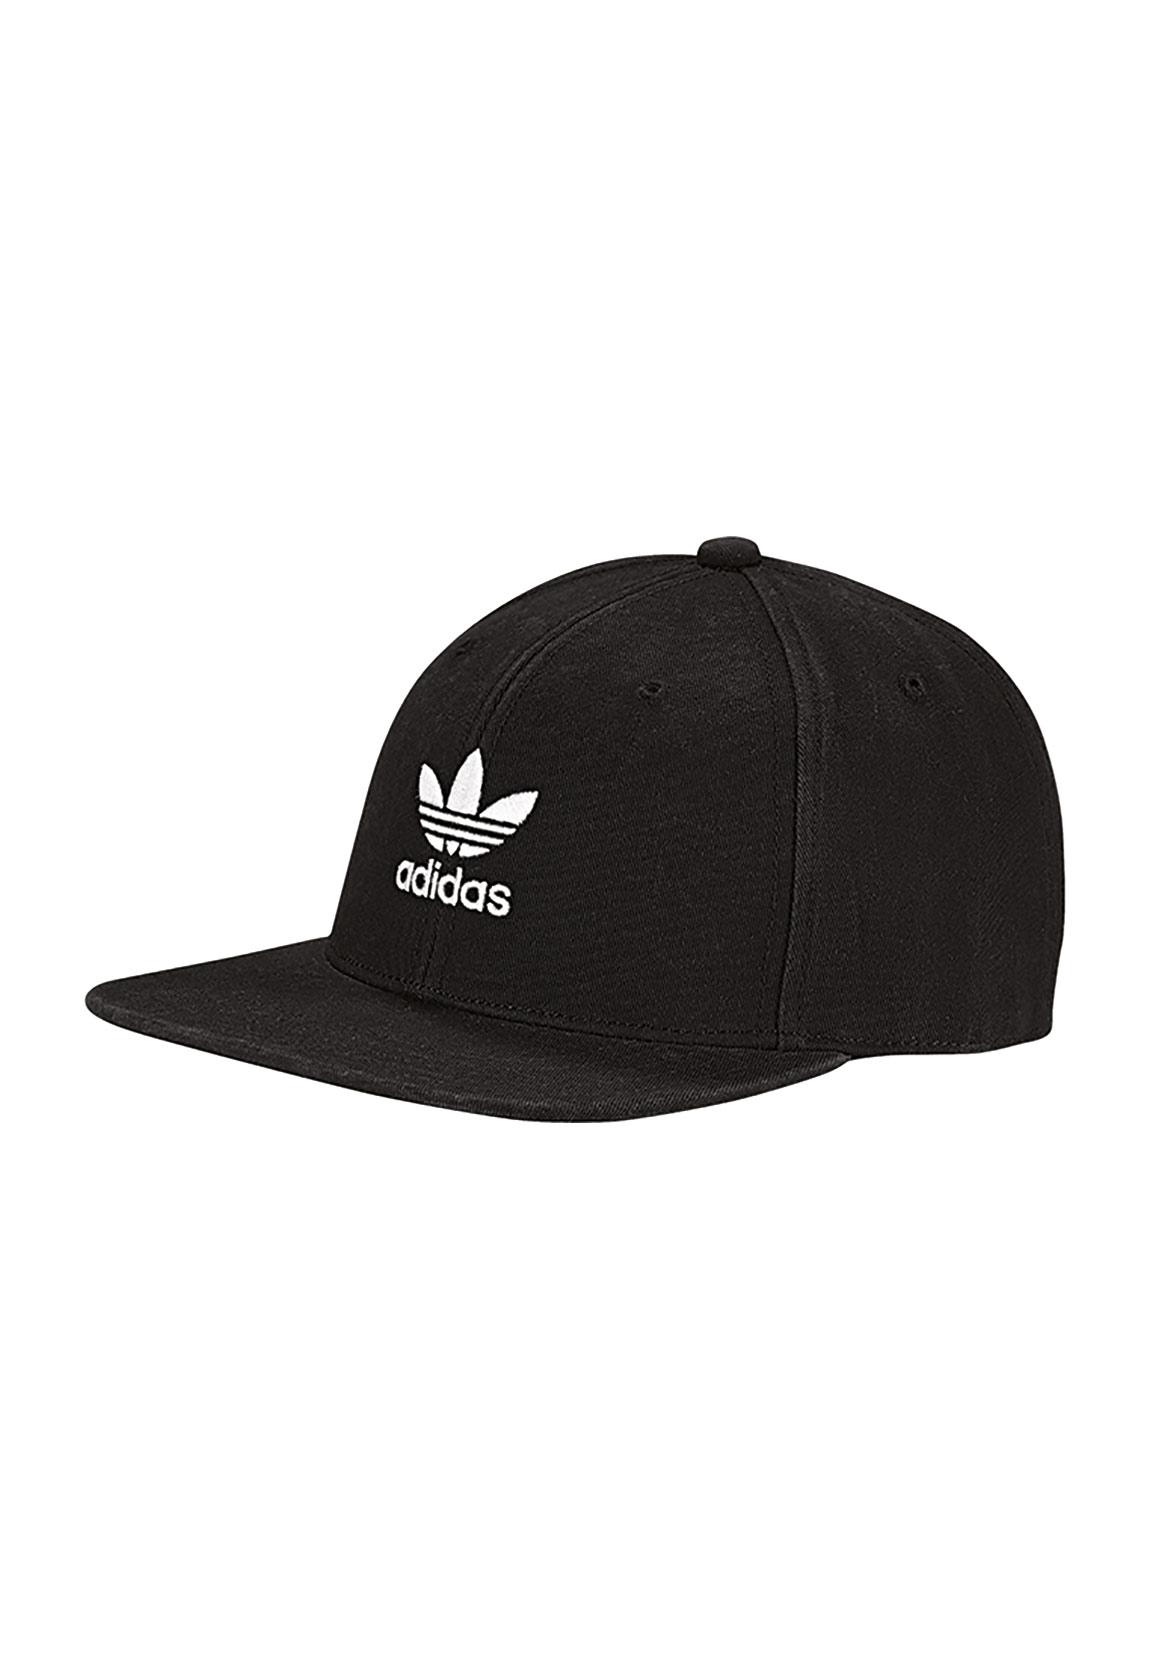 9fba110eb63 Adidas Originals Snapback Ac Cap Tre Flat DV0236 Black